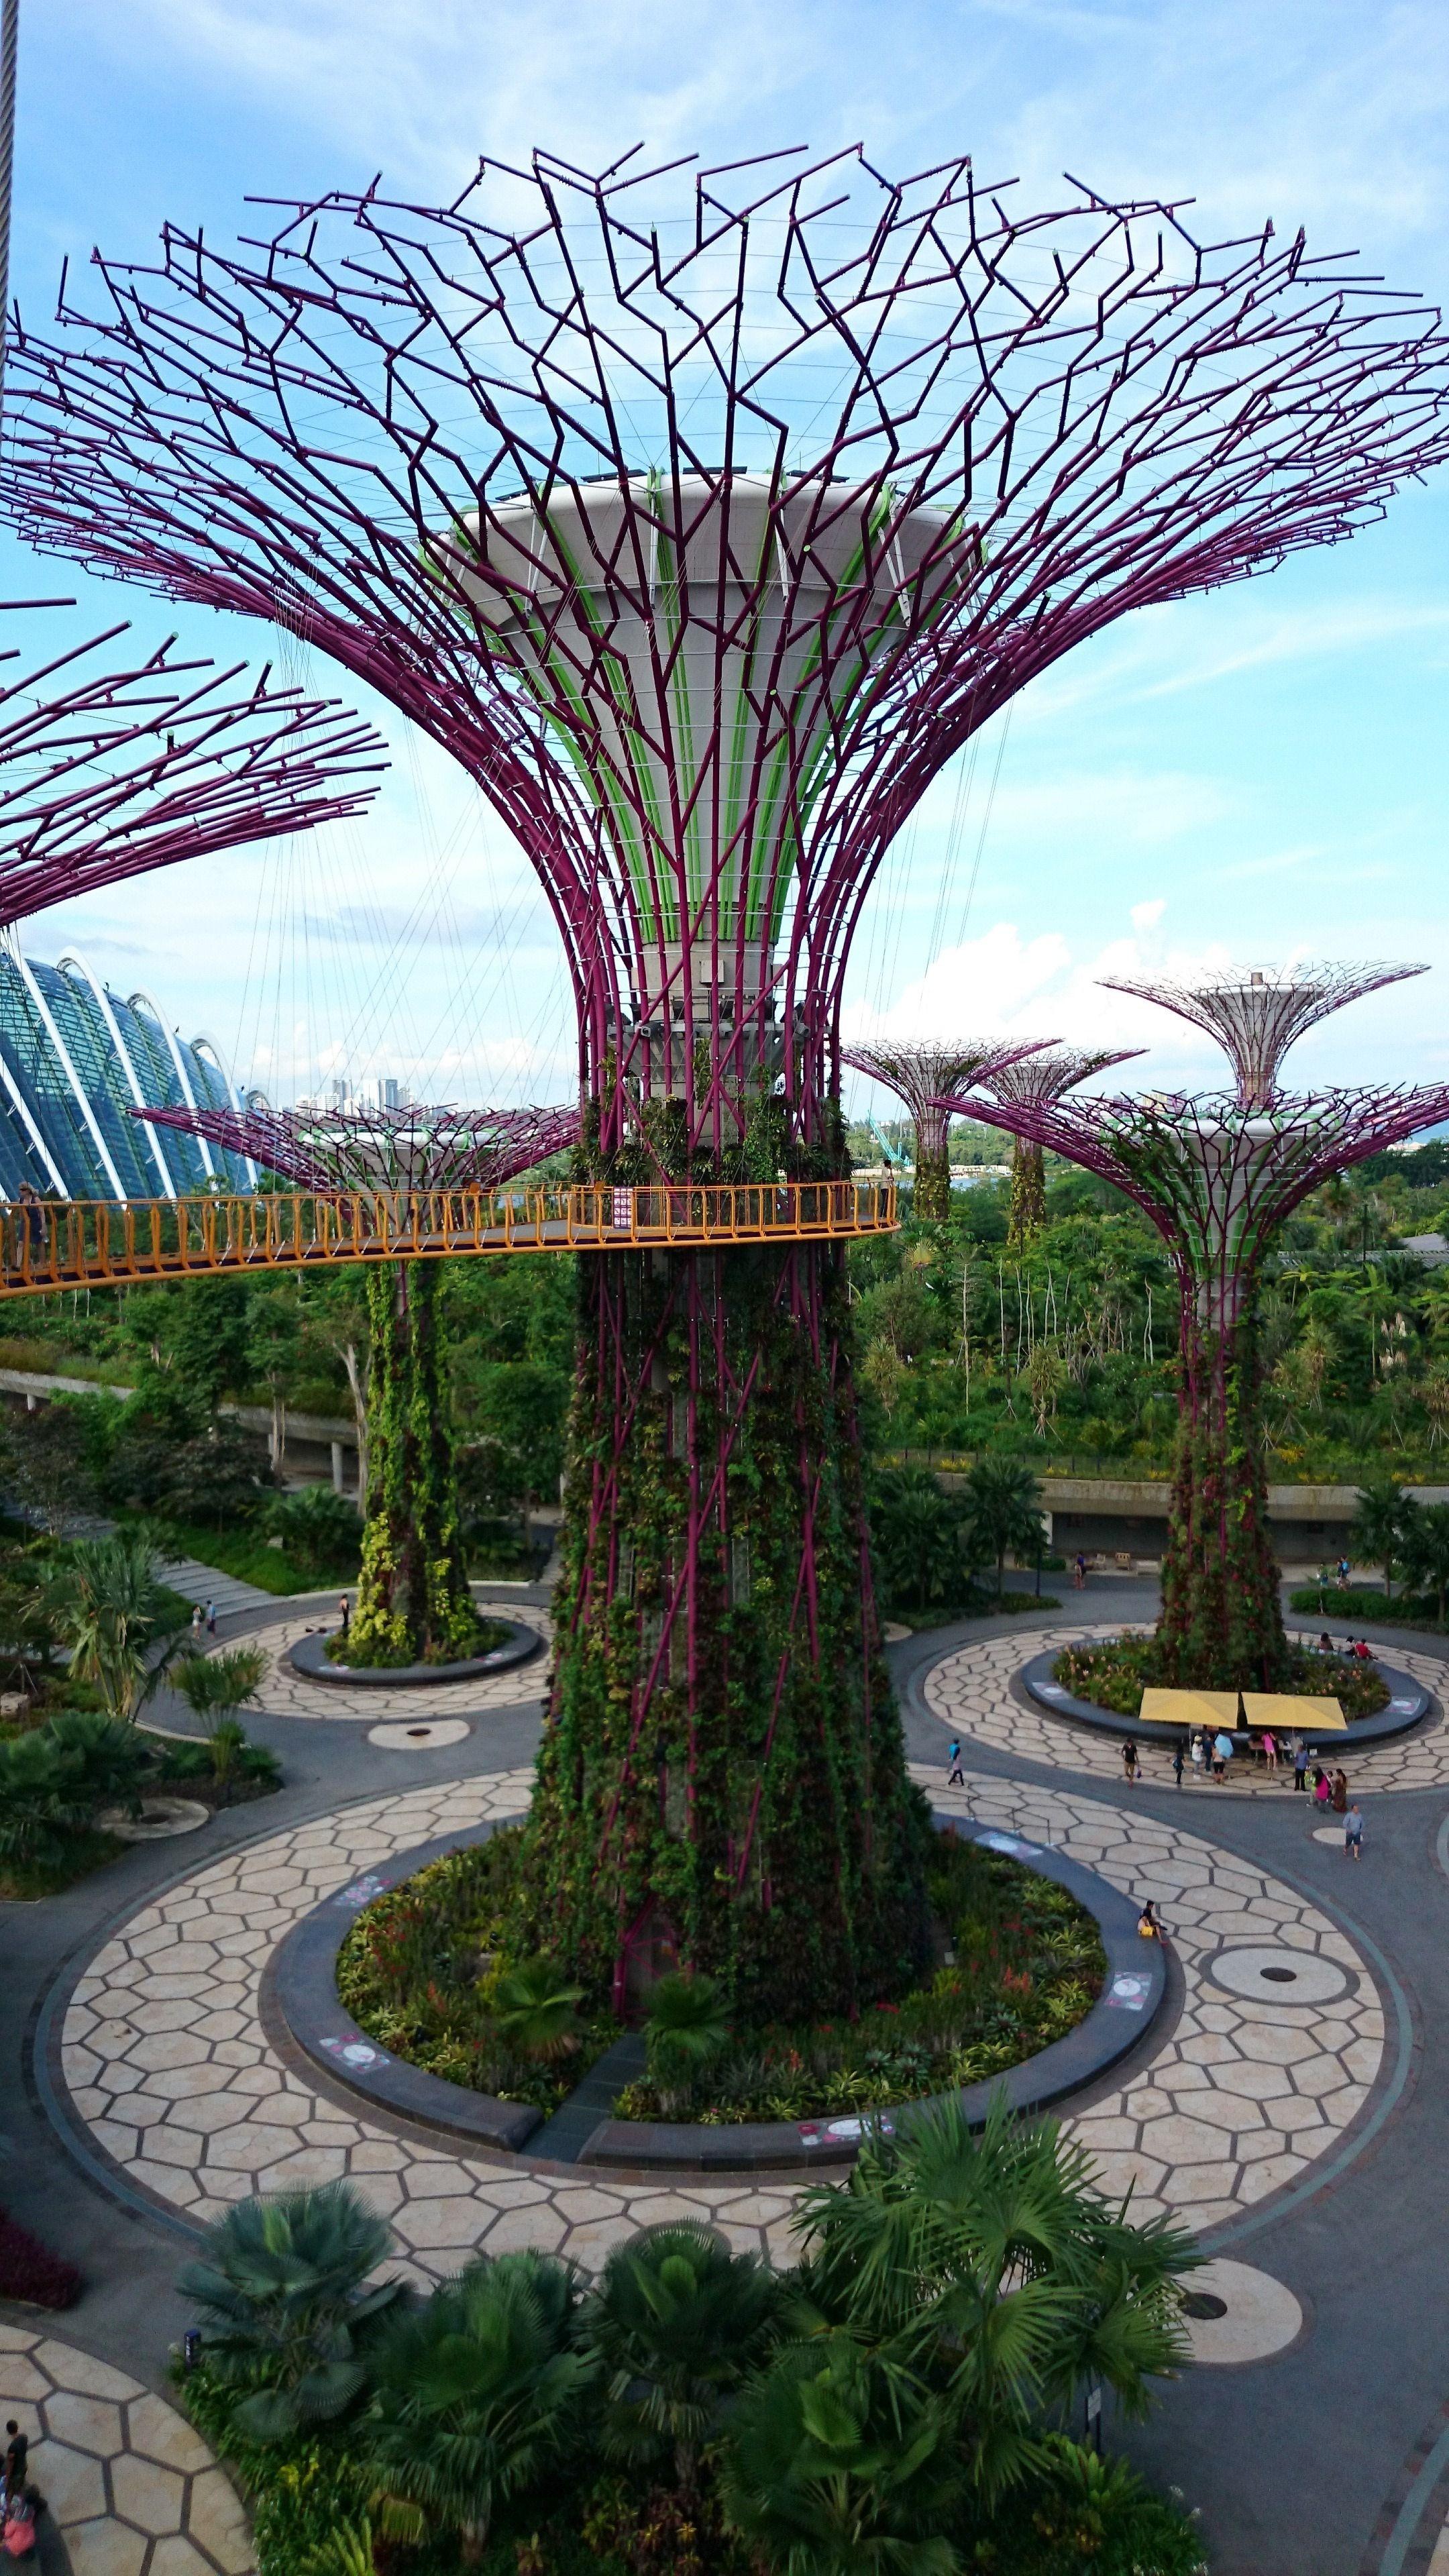 Gardens By The Bay Super Trees Grove Skyway Singapore Visions Of Travel Singapore Garden Garden Design Garden Patio Furniture